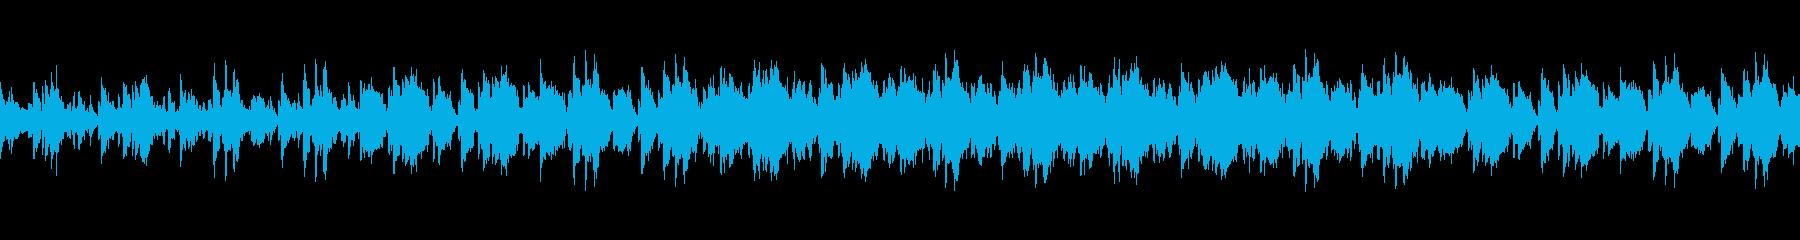 気取った感じのループBGMの再生済みの波形